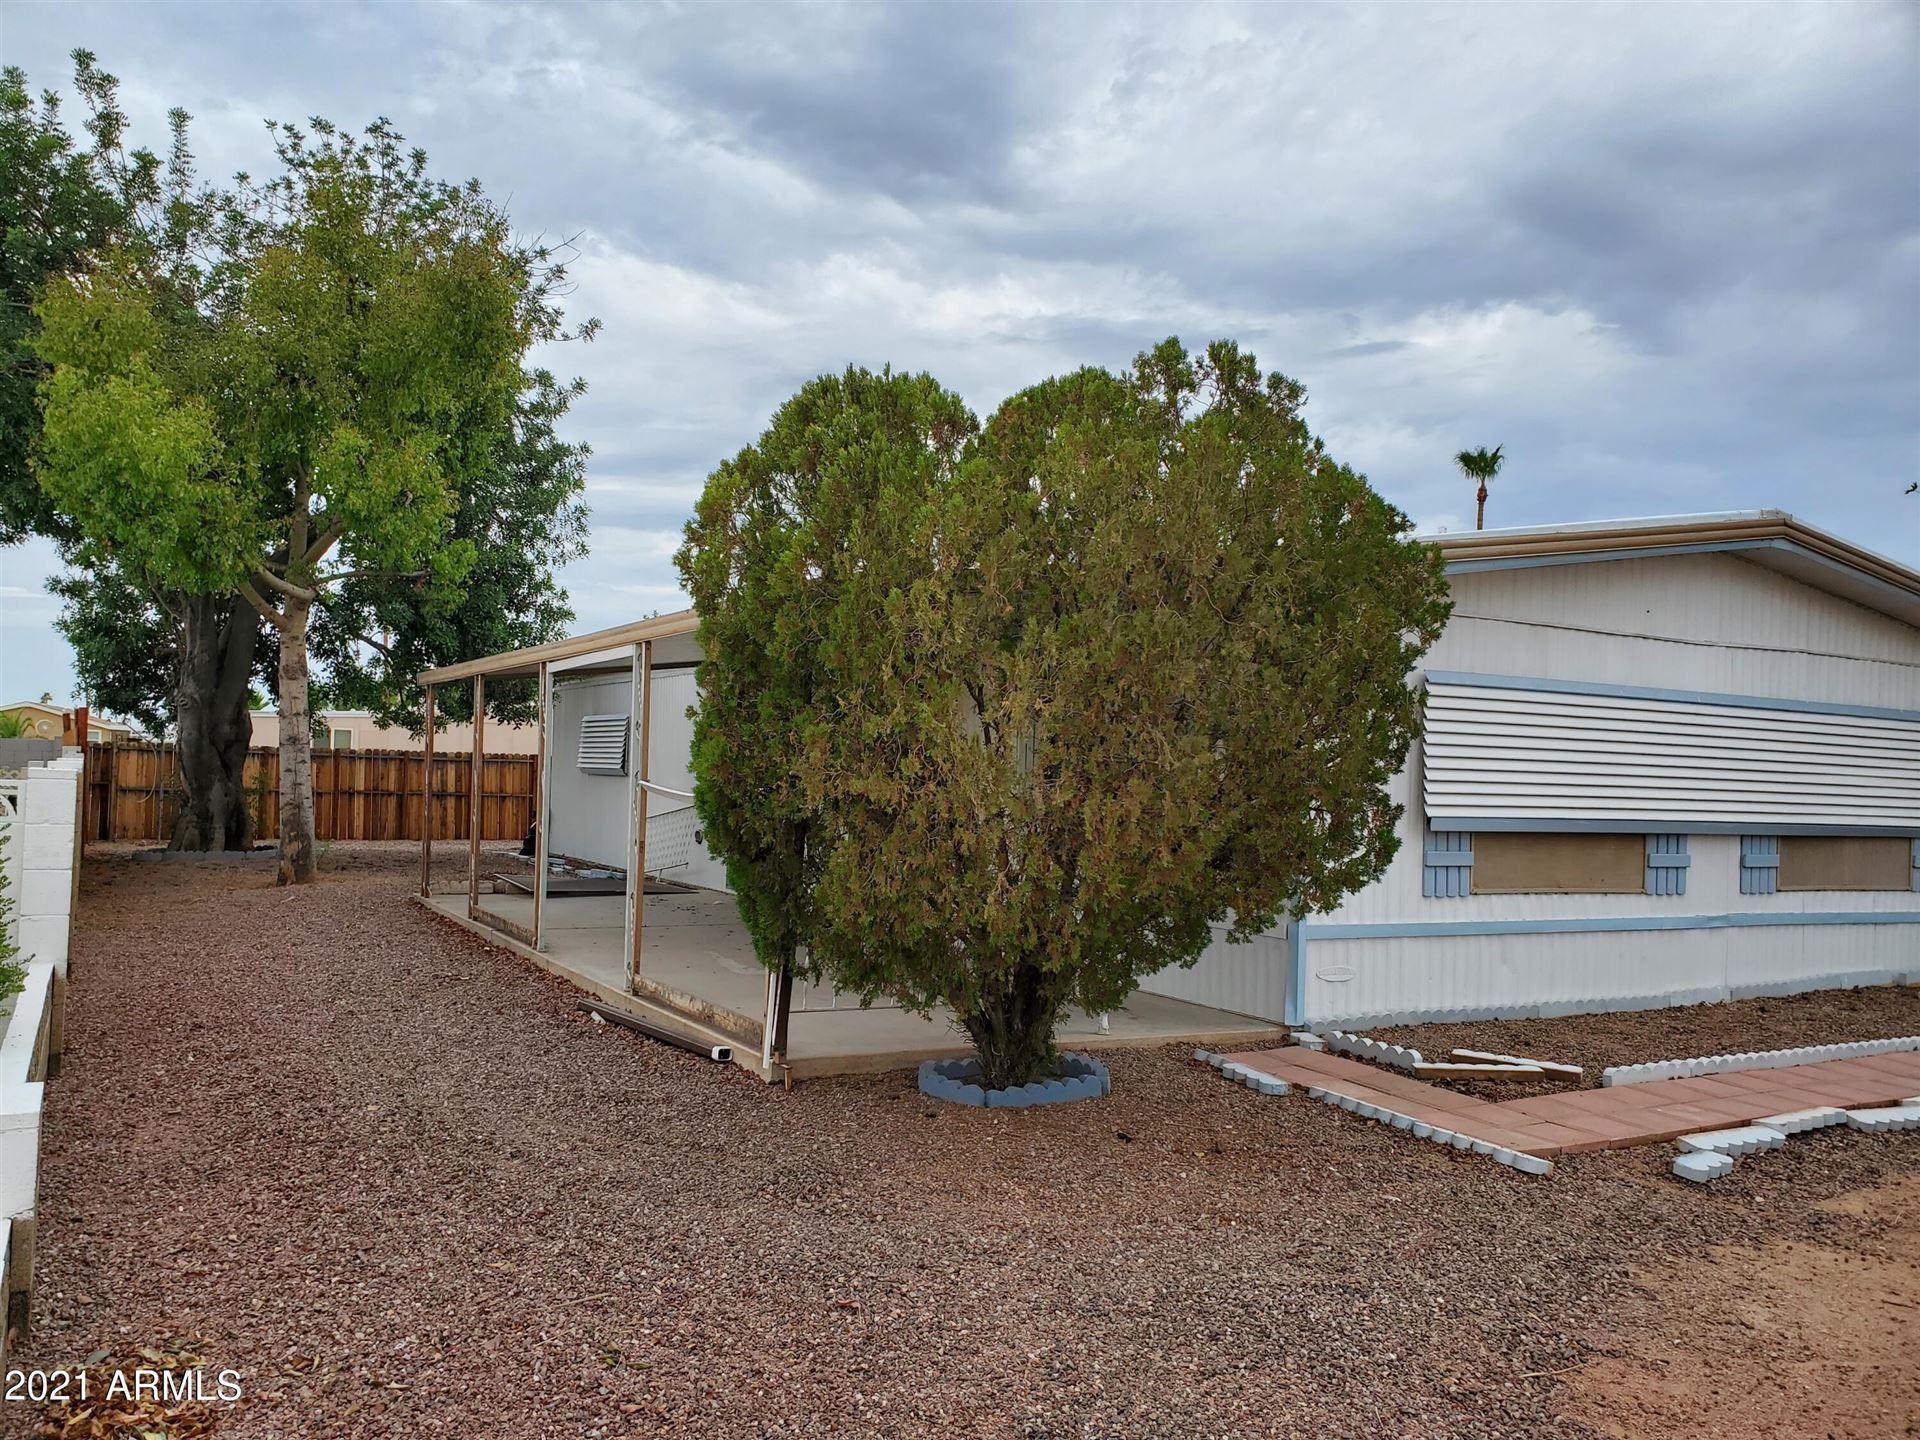 7529 E ARBOR Avenue, Mesa, AZ 85208 - MLS#: 6259256